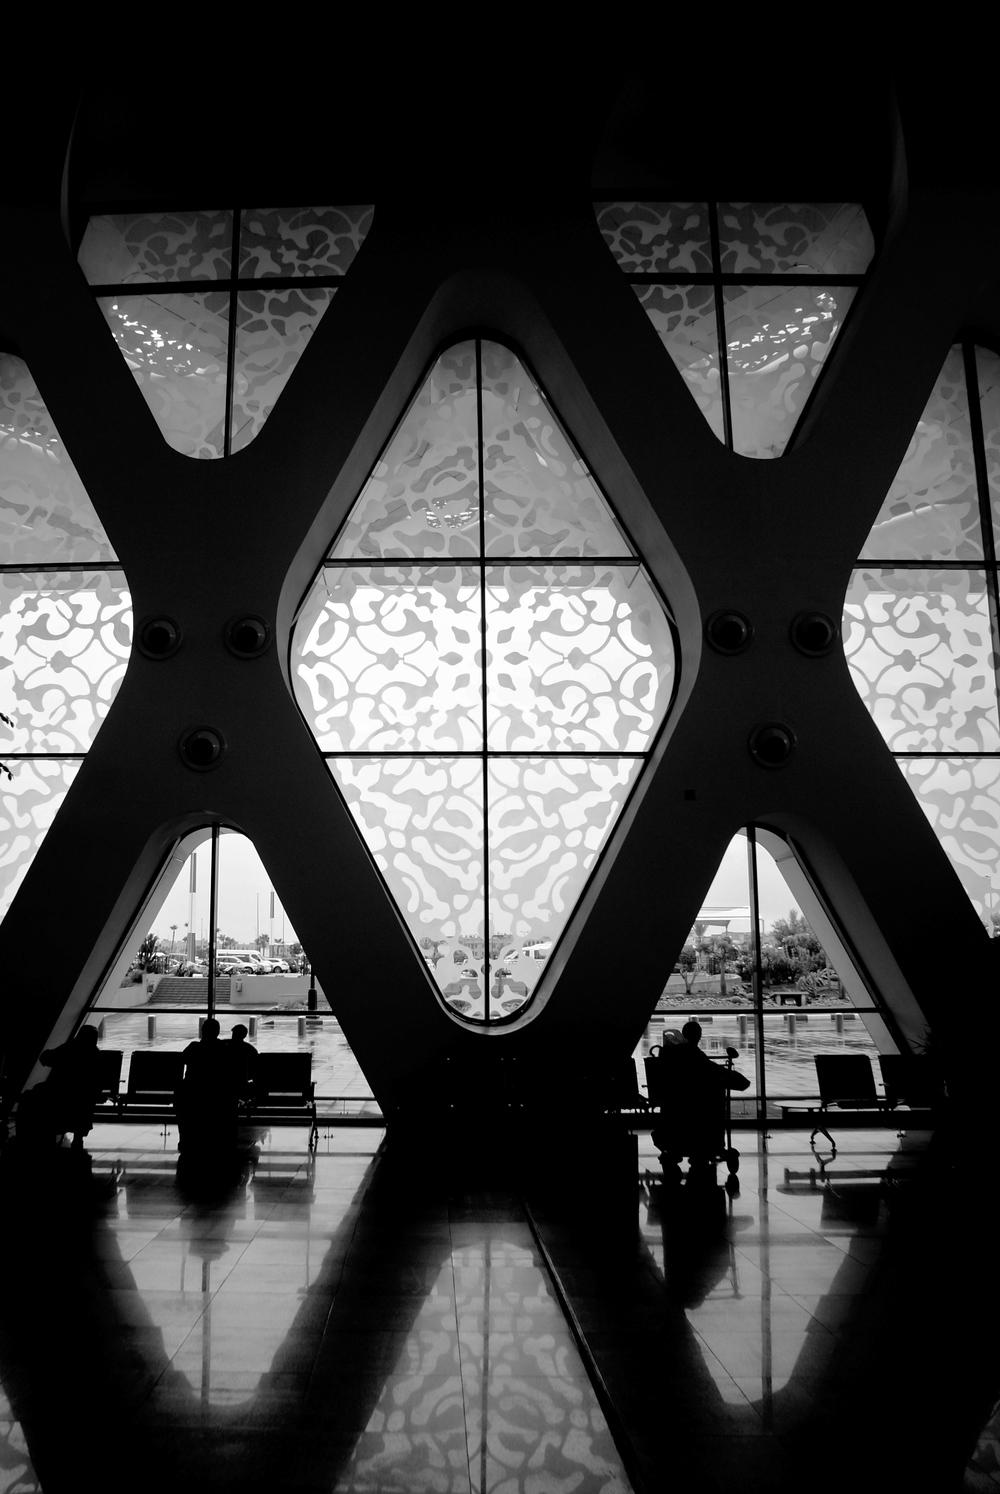 Menara Airport, Marrakech, Morocco